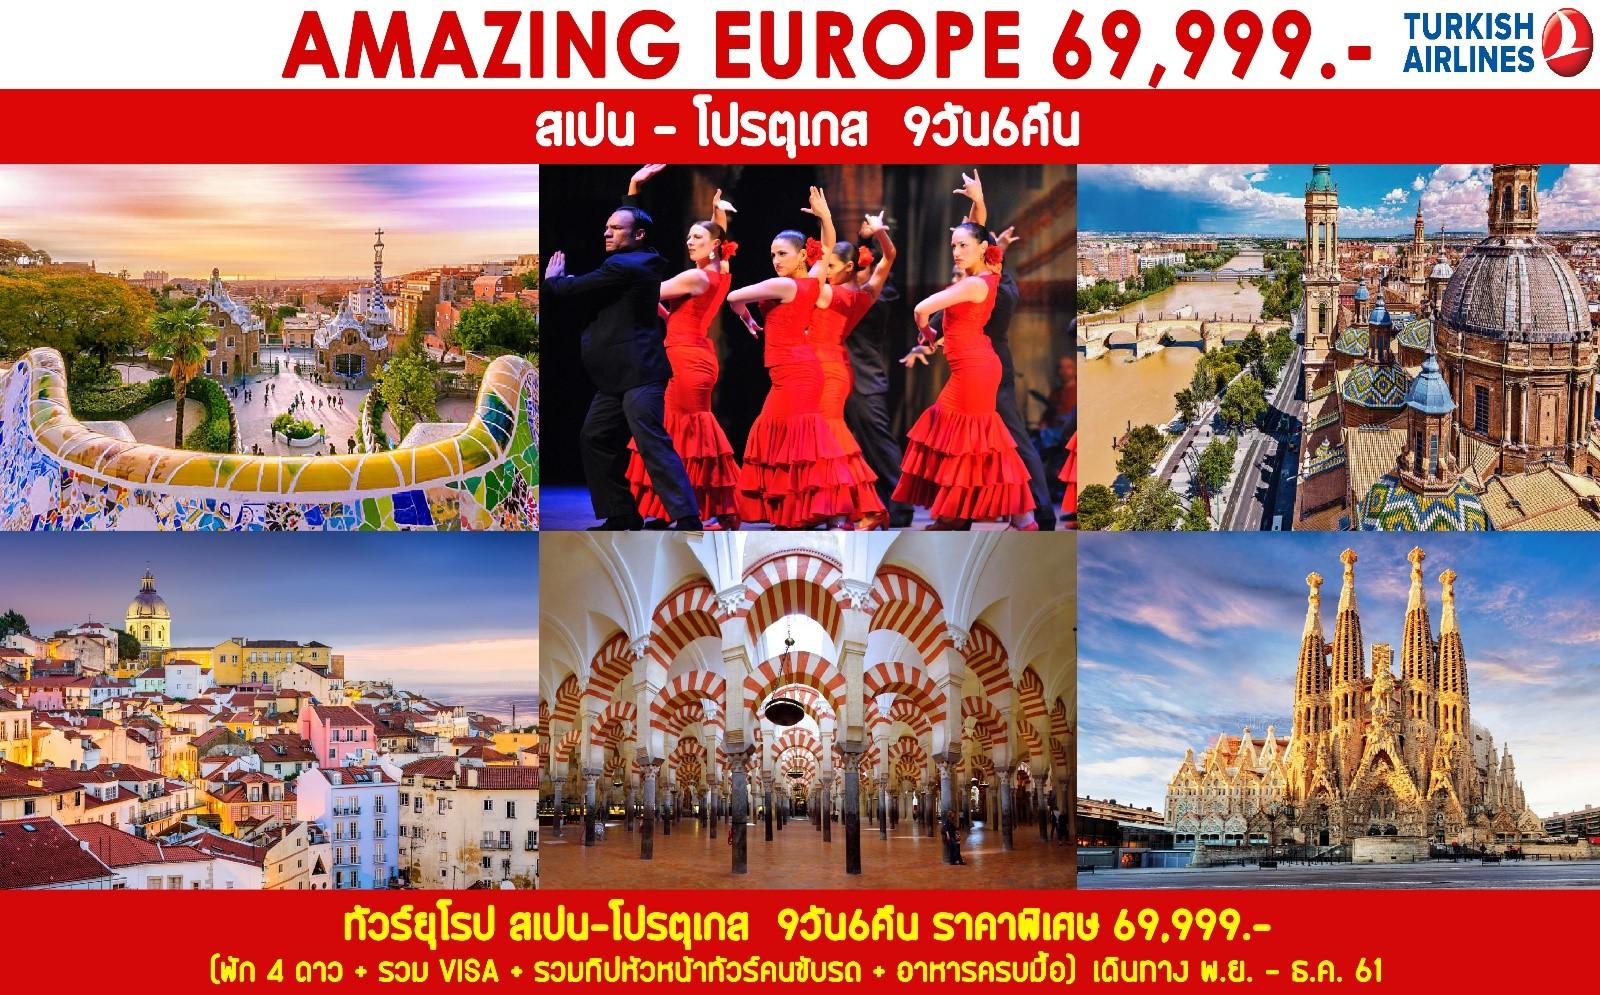 ทัวร์ยุโรป-Amazing-Europe-Spain-Portugal-9D6N-(TK)(NOV-DEC18)